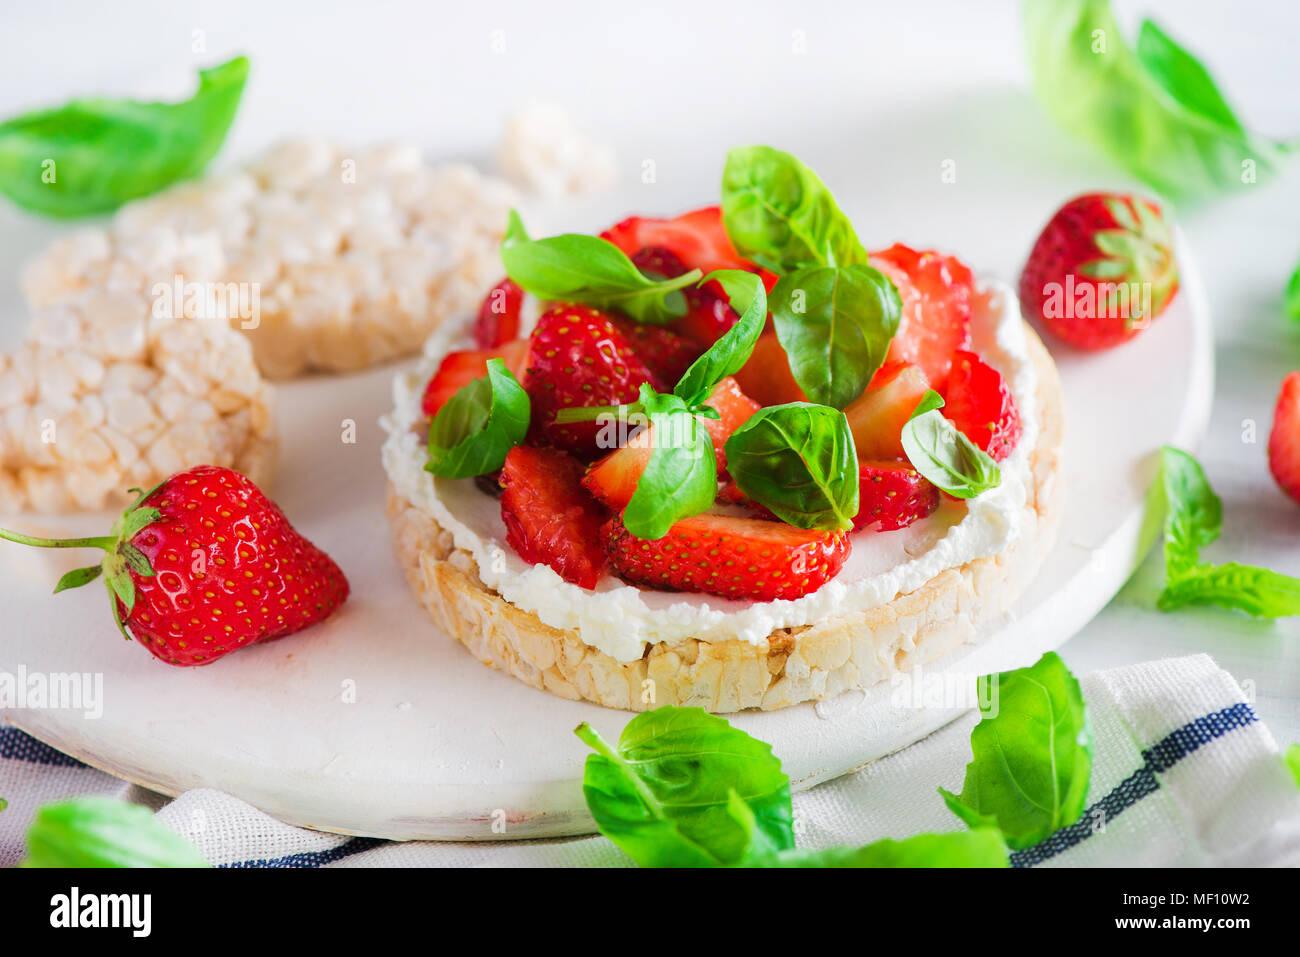 Refrigerio saludable con pan crujiente, fresas frescas, queso de cabra y hojas de albahaca. Sencilla receta de aperitivo. Imagen De Stock